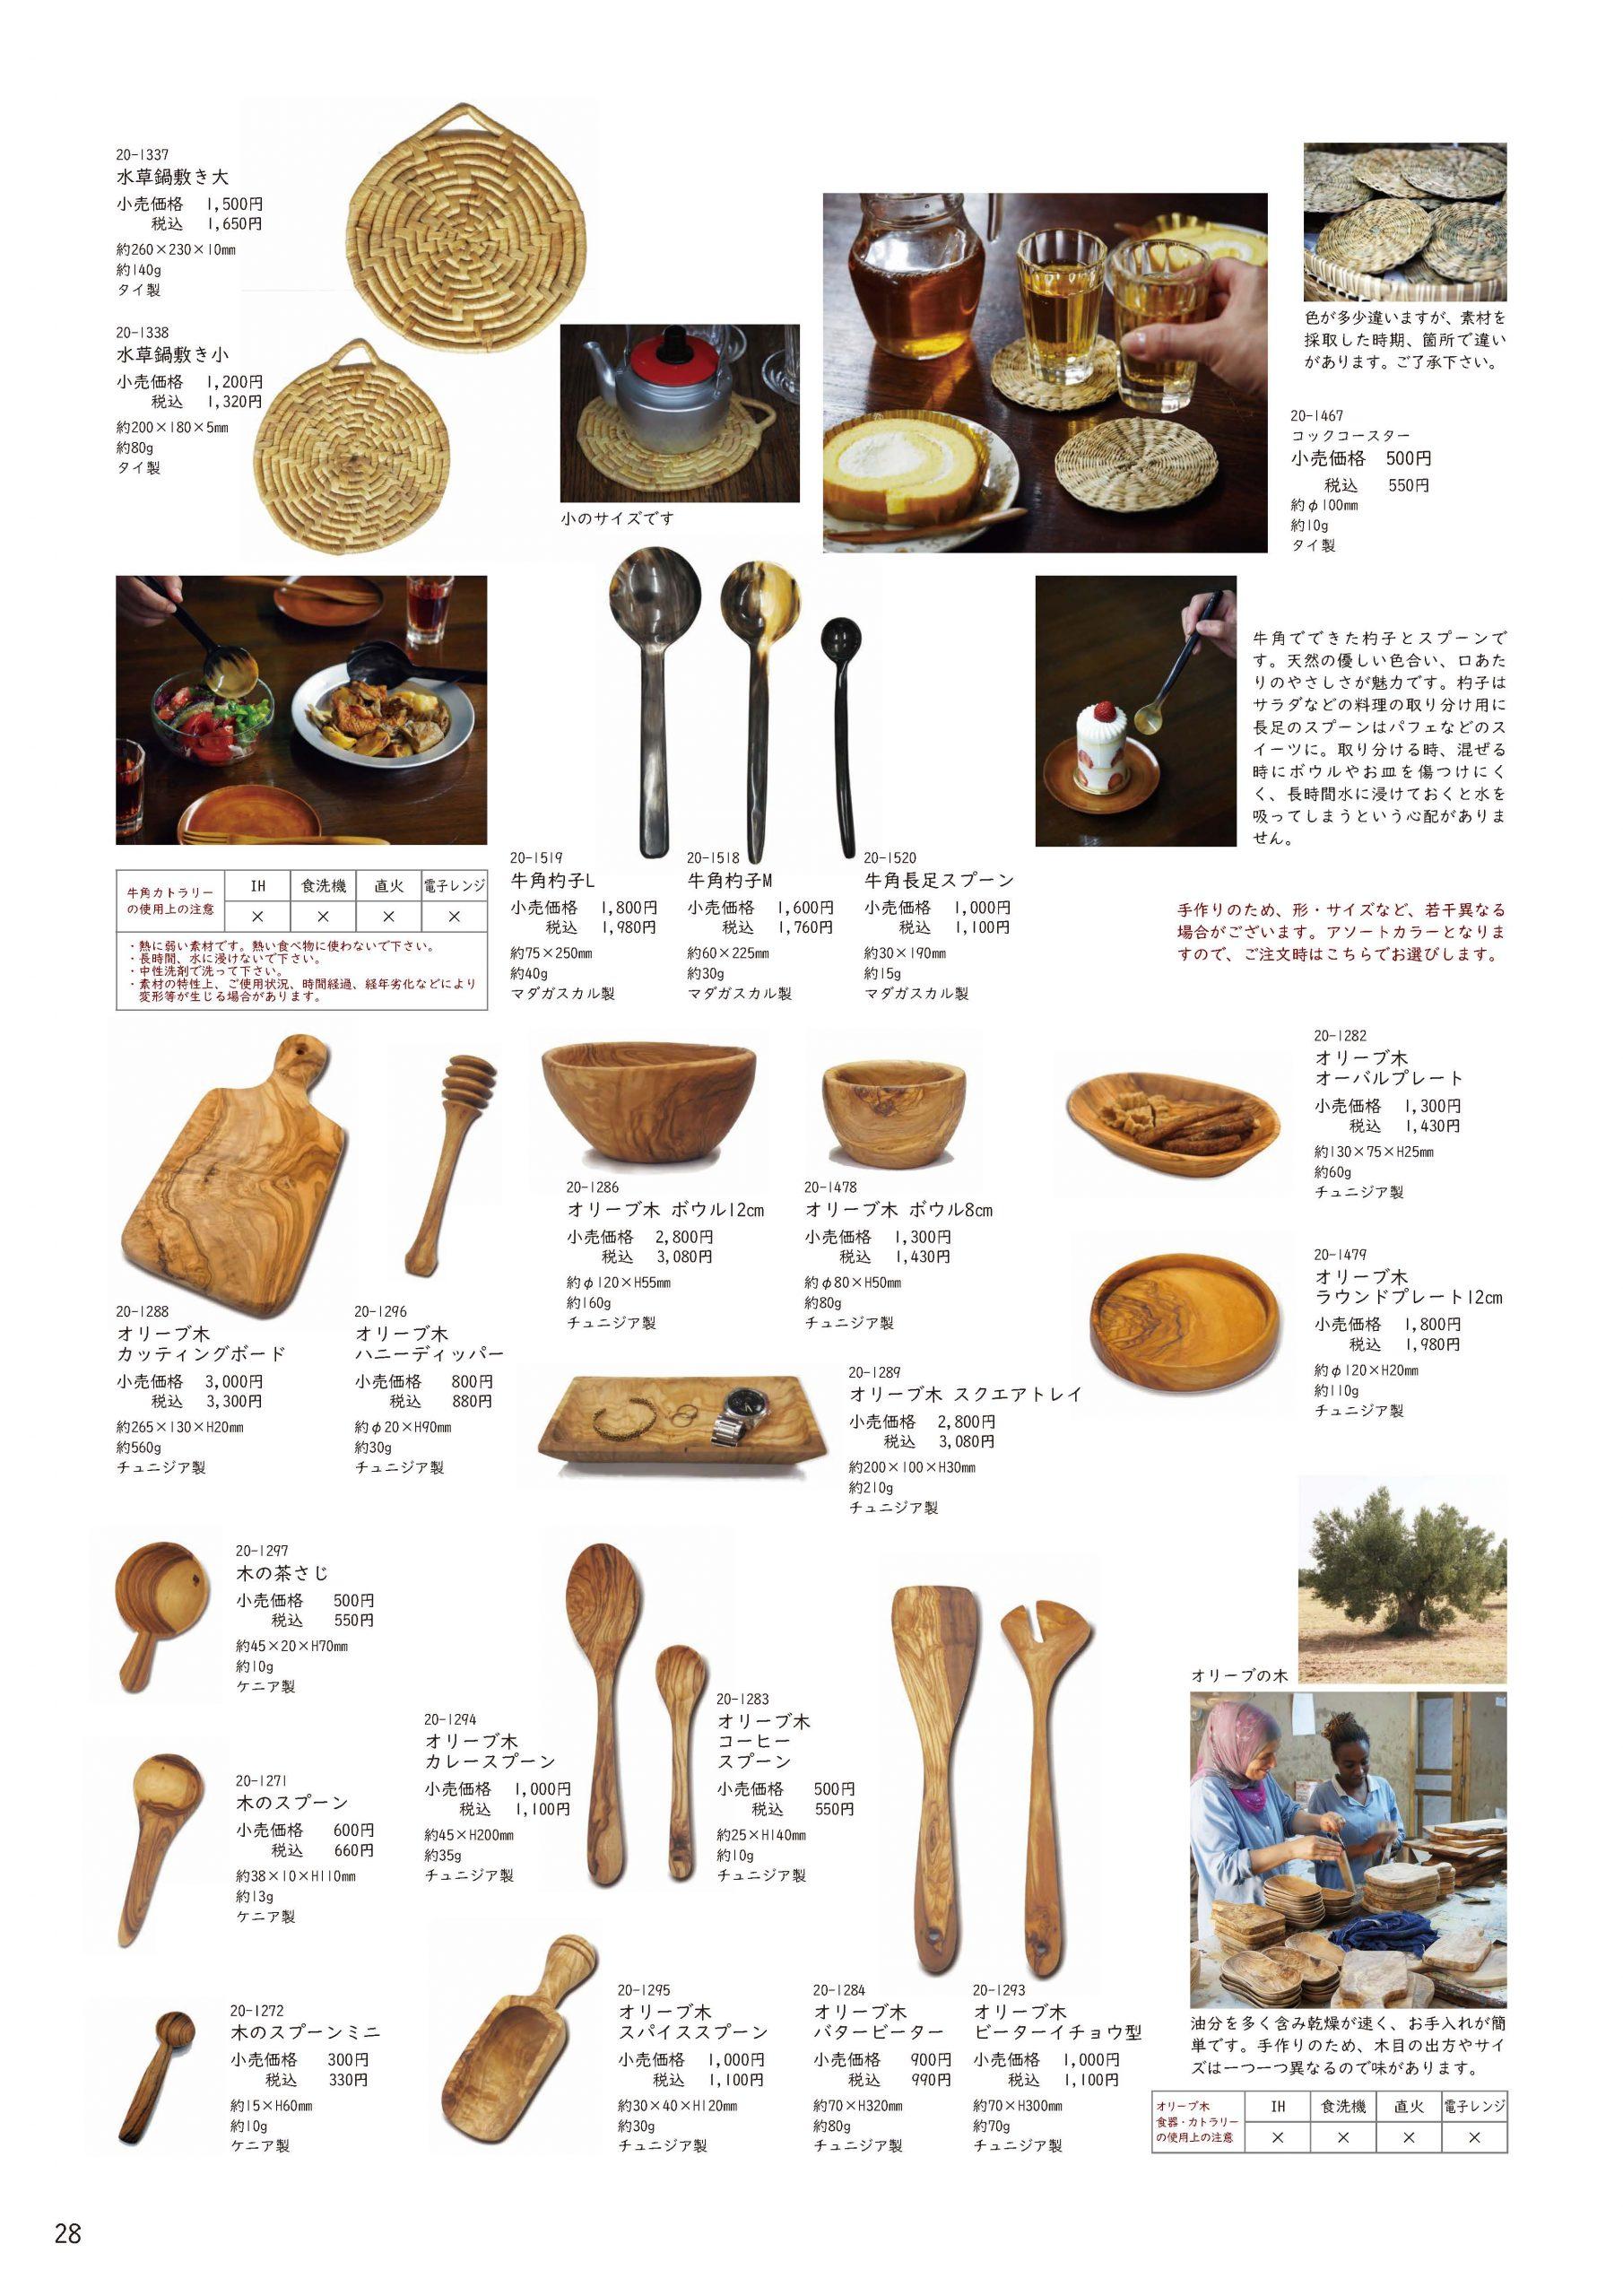 台所用品⑤-水草鍋敷き、オリーブ木の器・カトラリー-